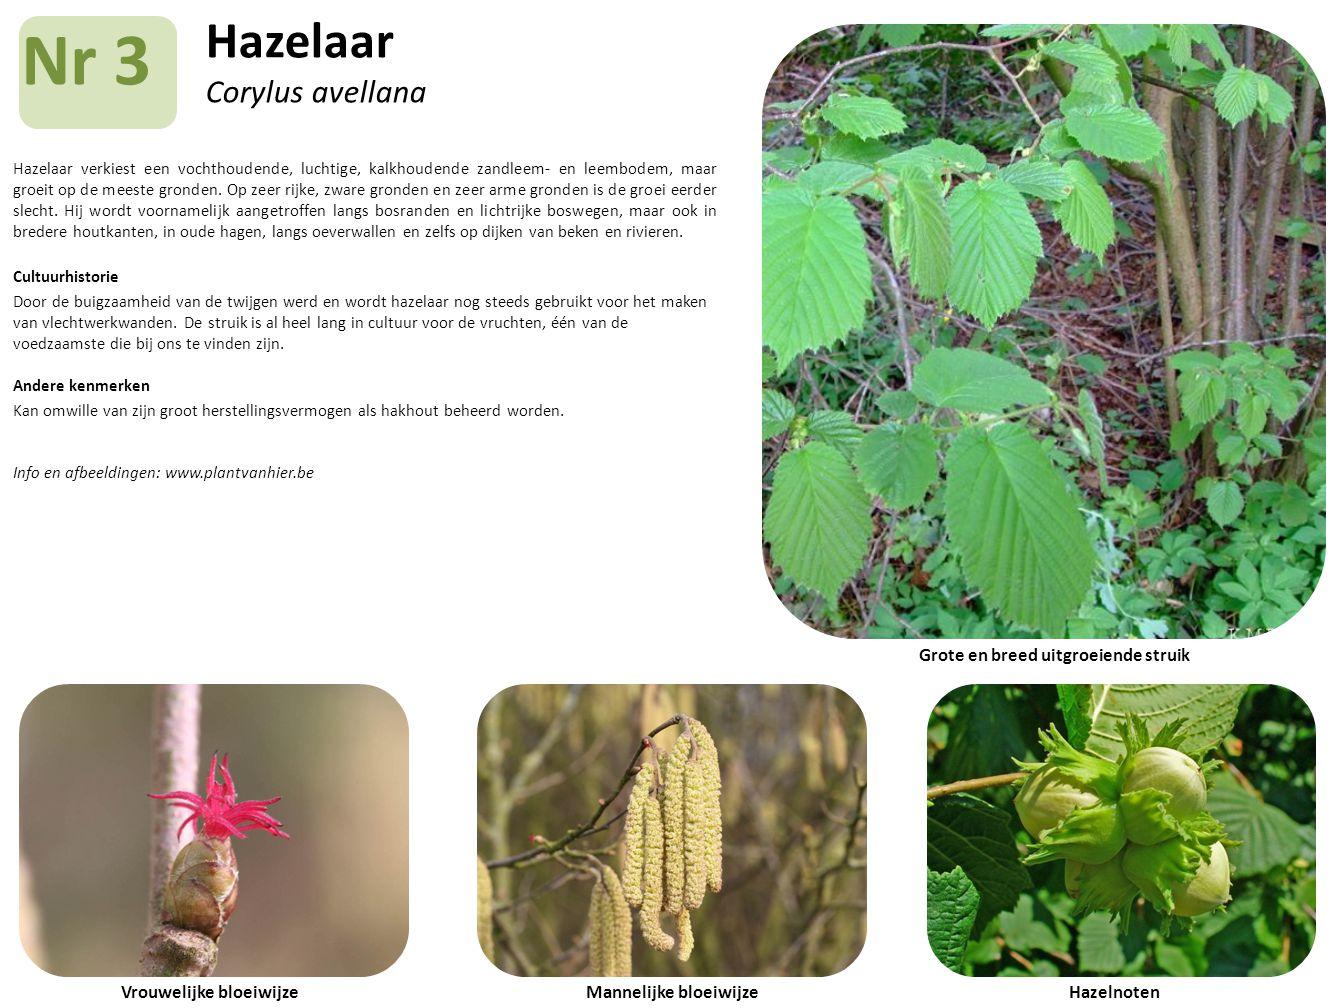 Hazelaar Corylus avellana Hazelaar verkiest een vochthoudende, luchtige, kalkhoudende zandleem- en leembodem, maar groeit op de meeste gronden. Op zee